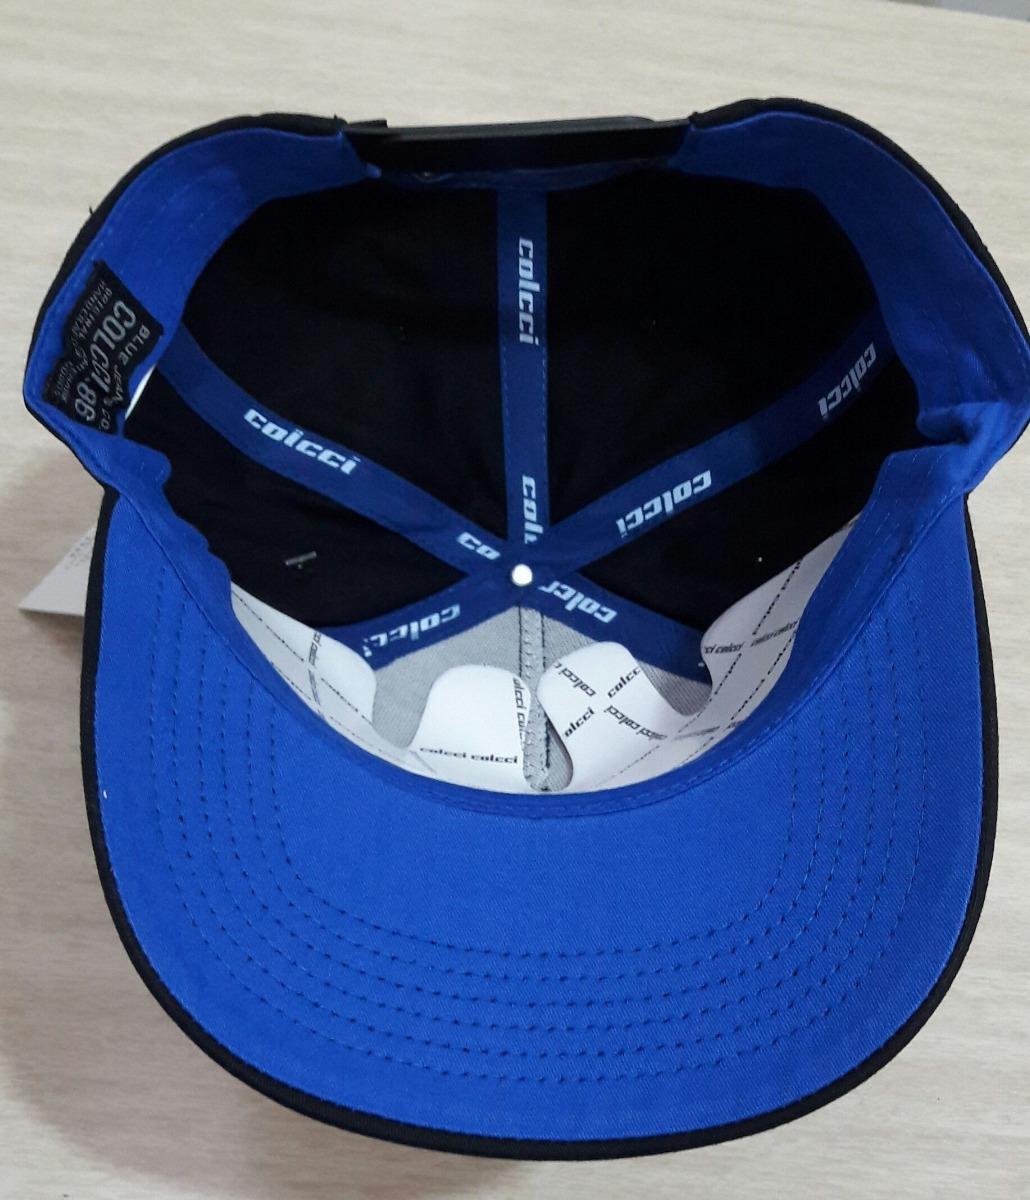 boné colcci azul preto ultracap whatever 100% original. Carregando zoom. 2795b01d72f